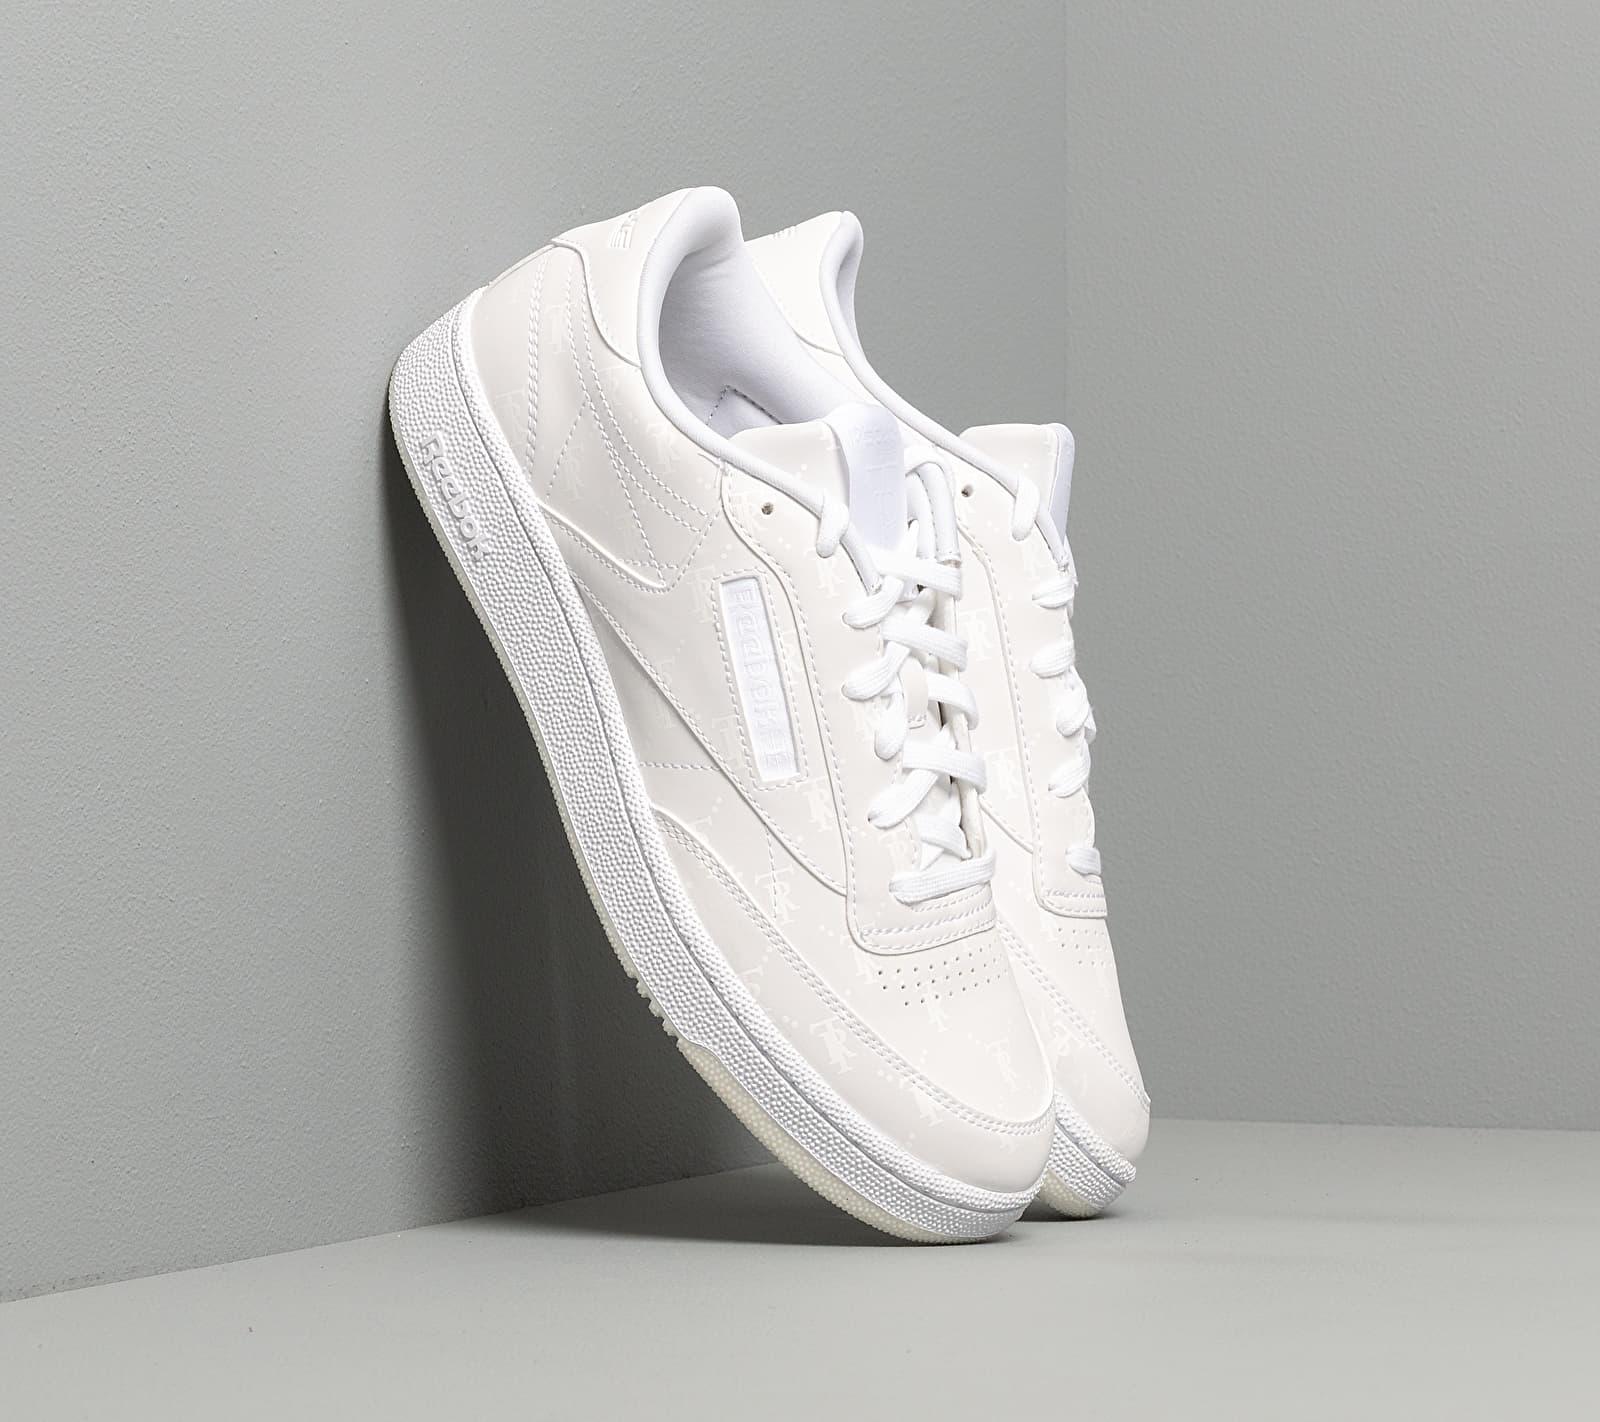 Reebok x Trés Rasché Club C 85 MU White/ White/ White EUR 42.5